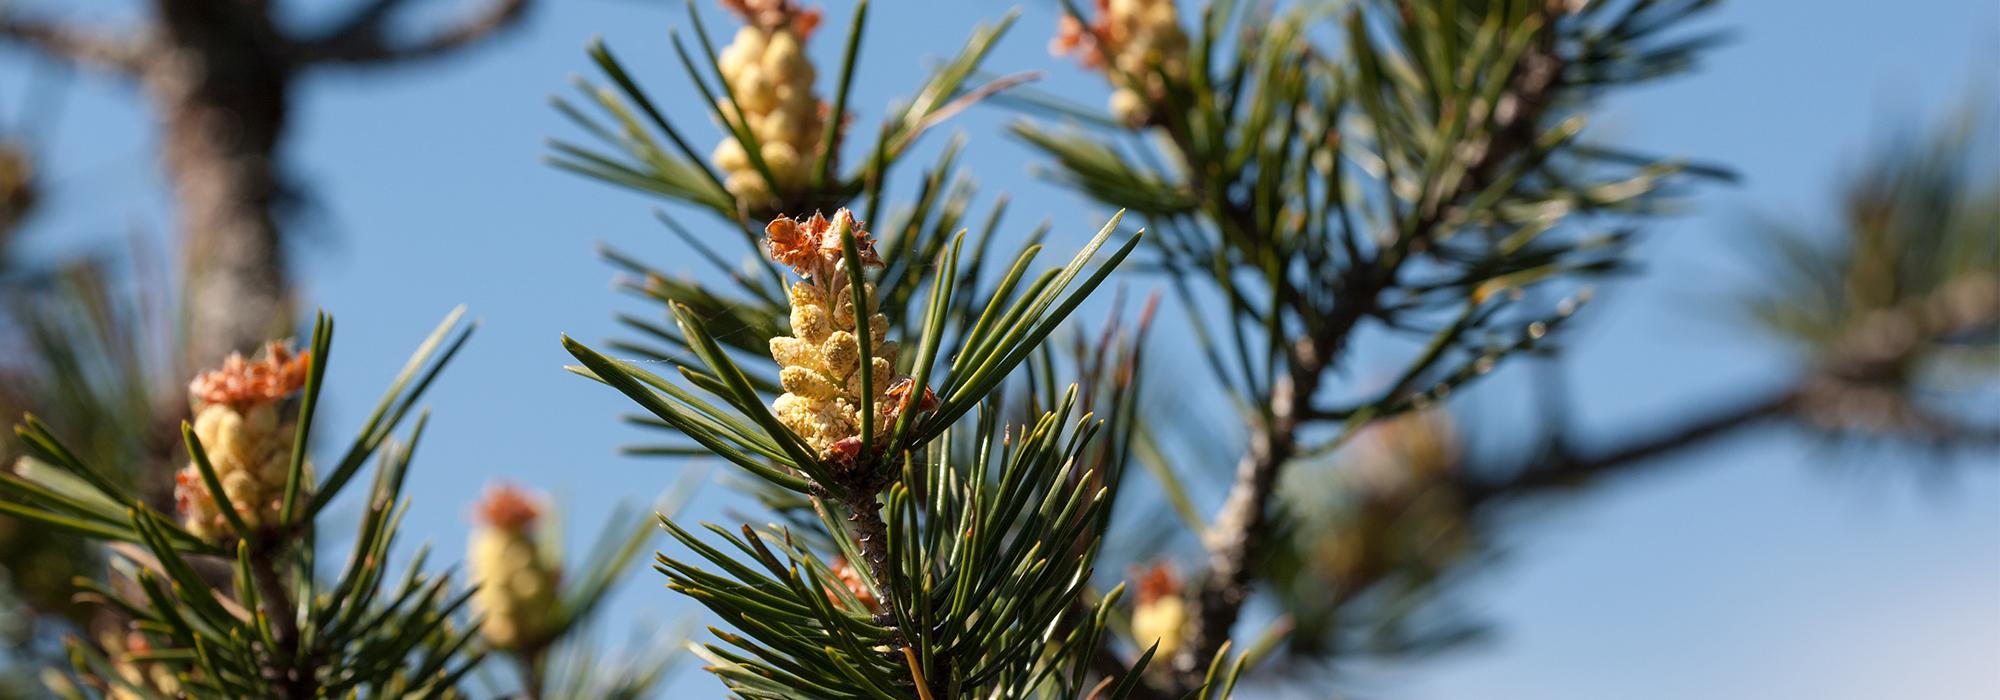 SLIDE4-pine